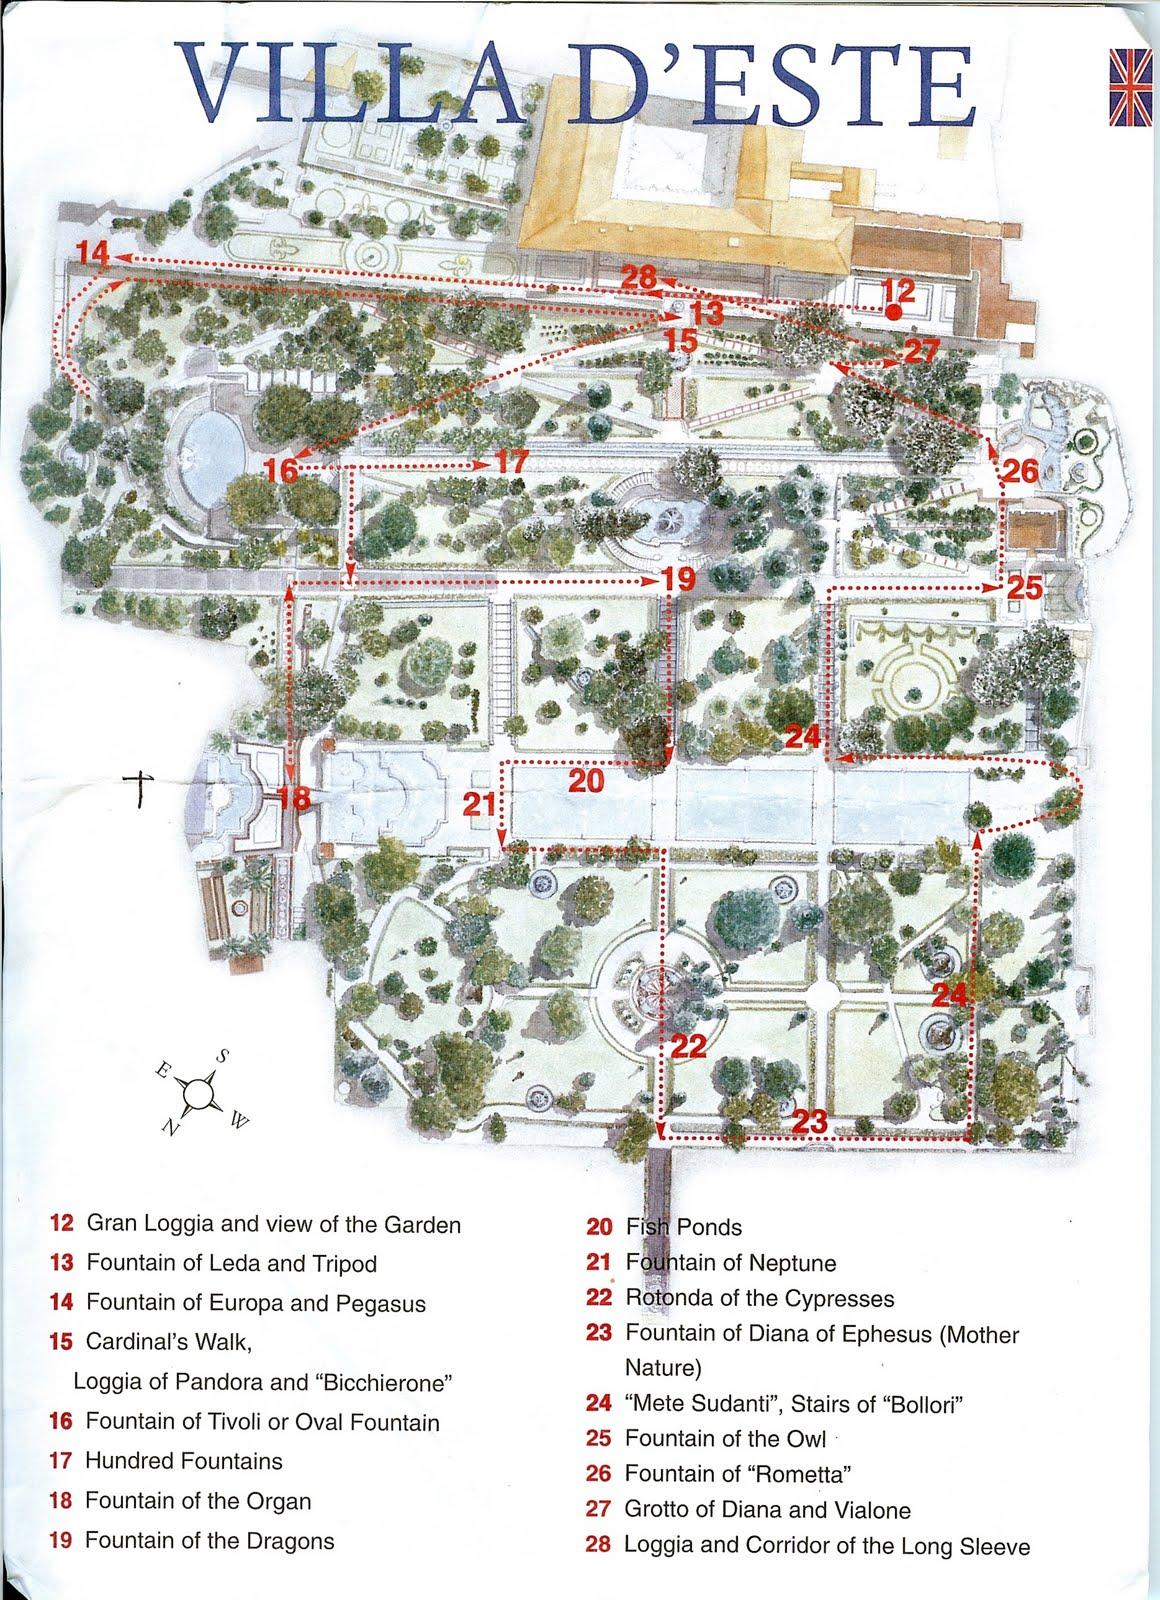 Mapa de las esculturas y principales puntos que ver en Villa d'Este